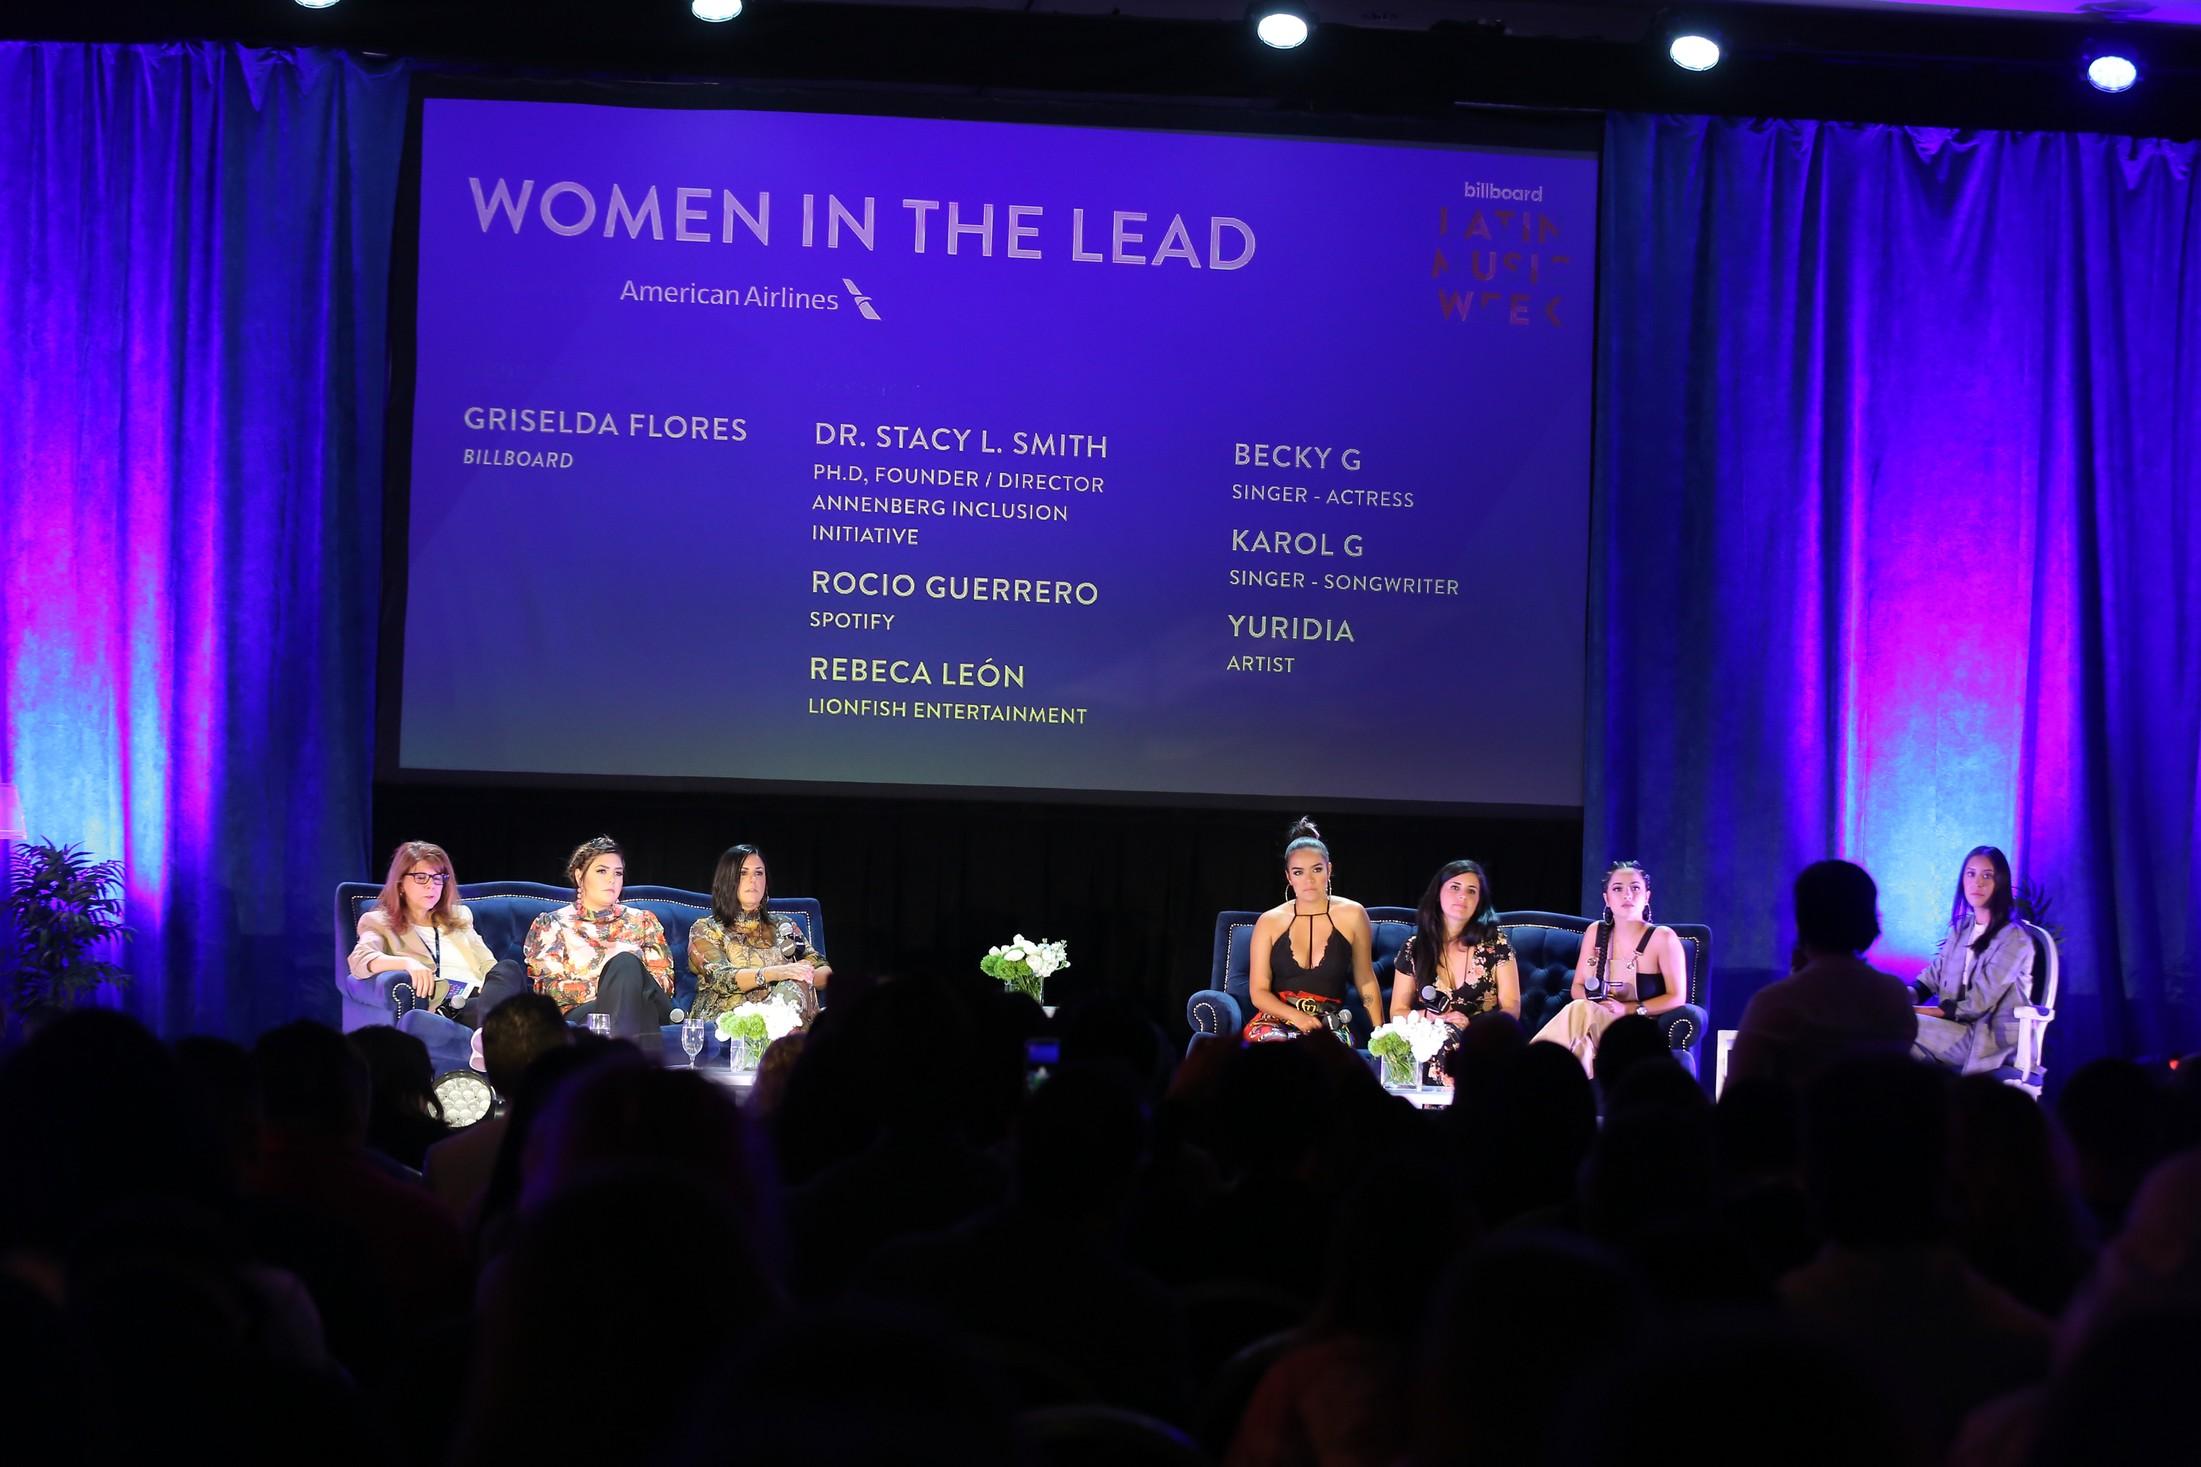 D3_6-_Women_In_The_Lead_0225